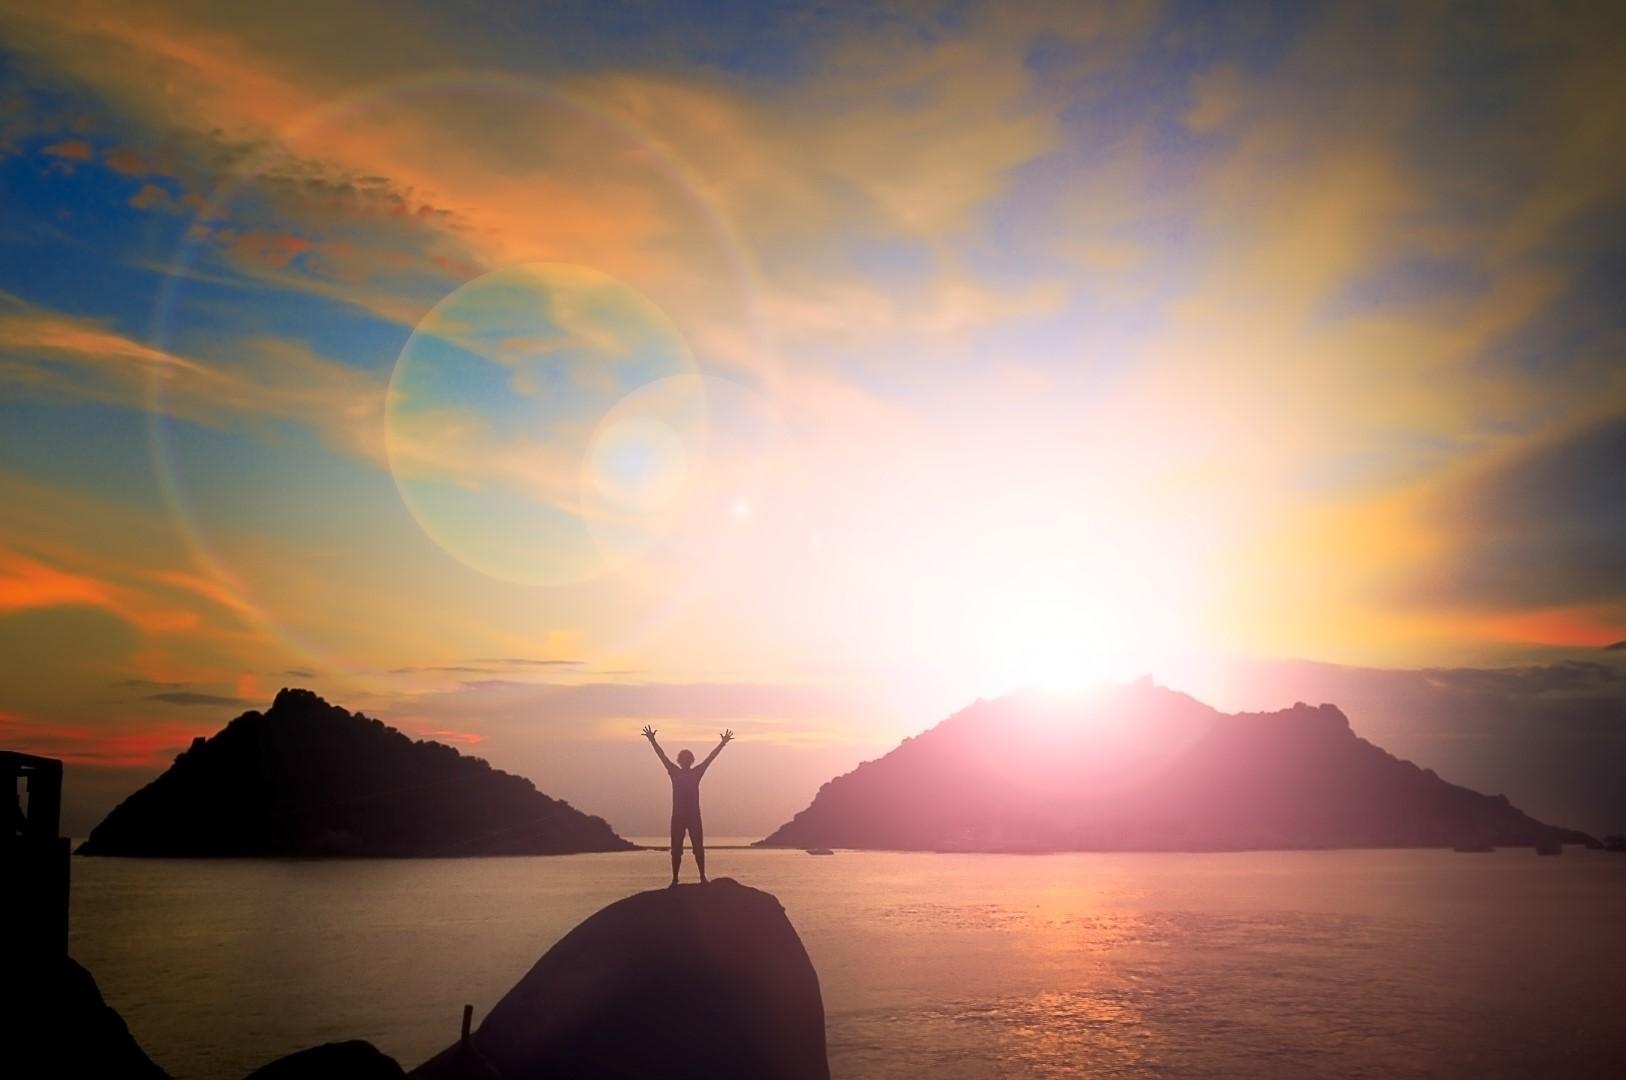 Os 8 estágios da vida, por Erik Erikson